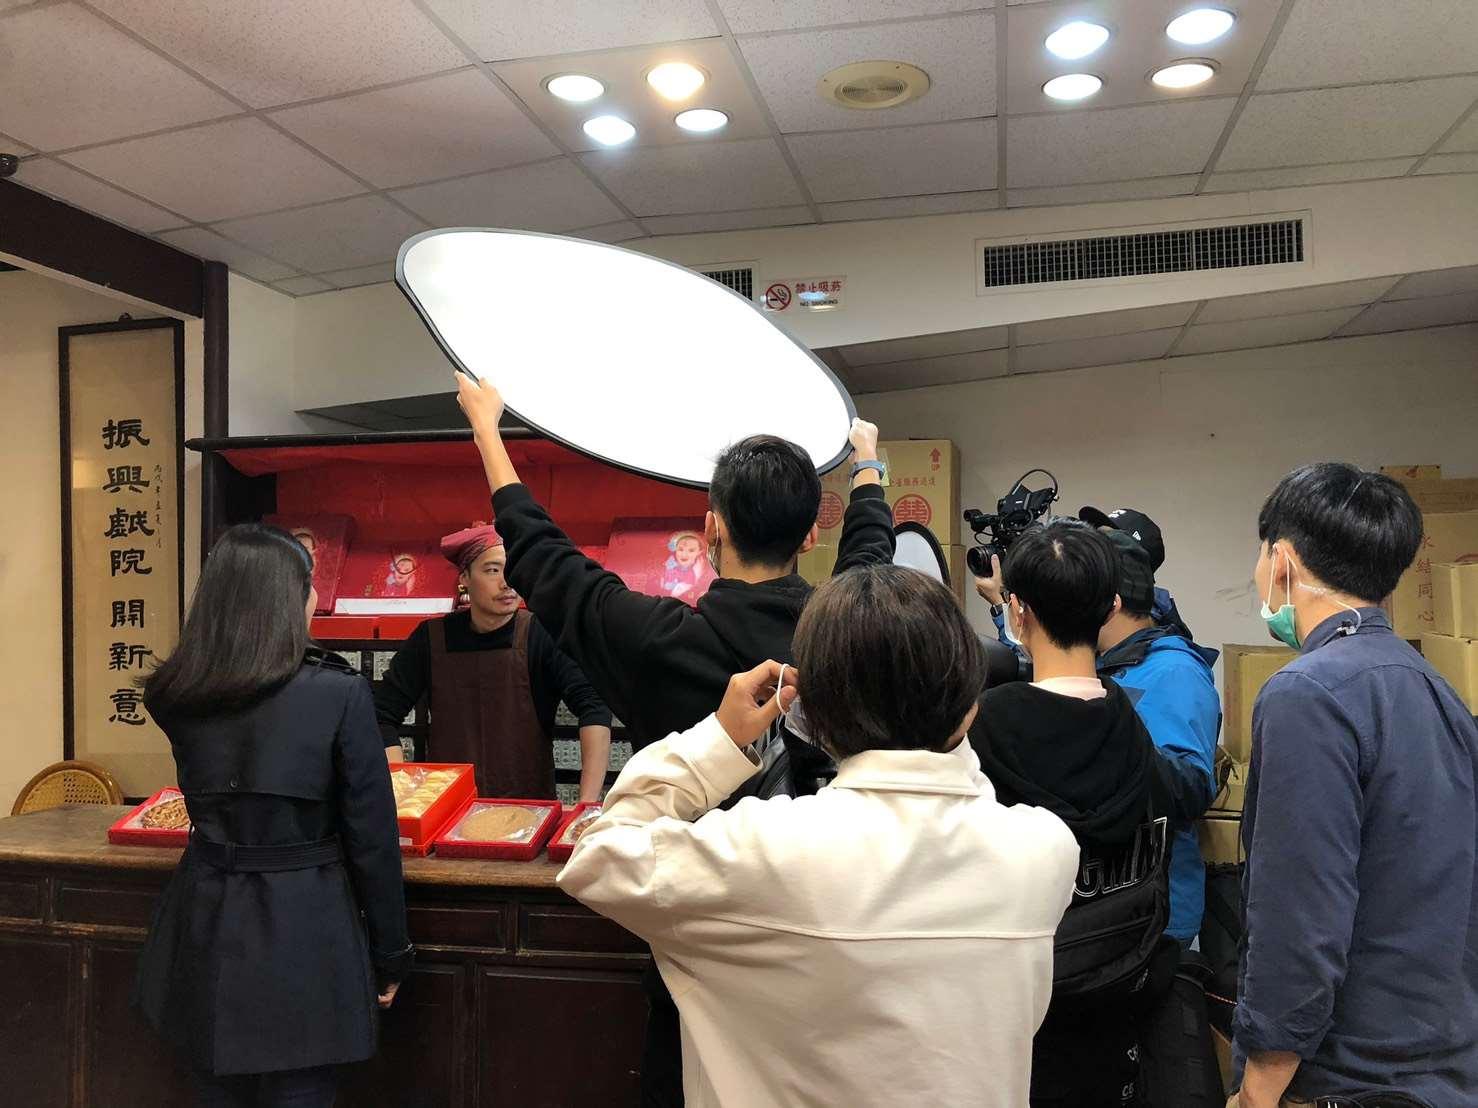 「北港小鎮愛情微電影」的完整版影片將趕在2月14日情人節前夕上線